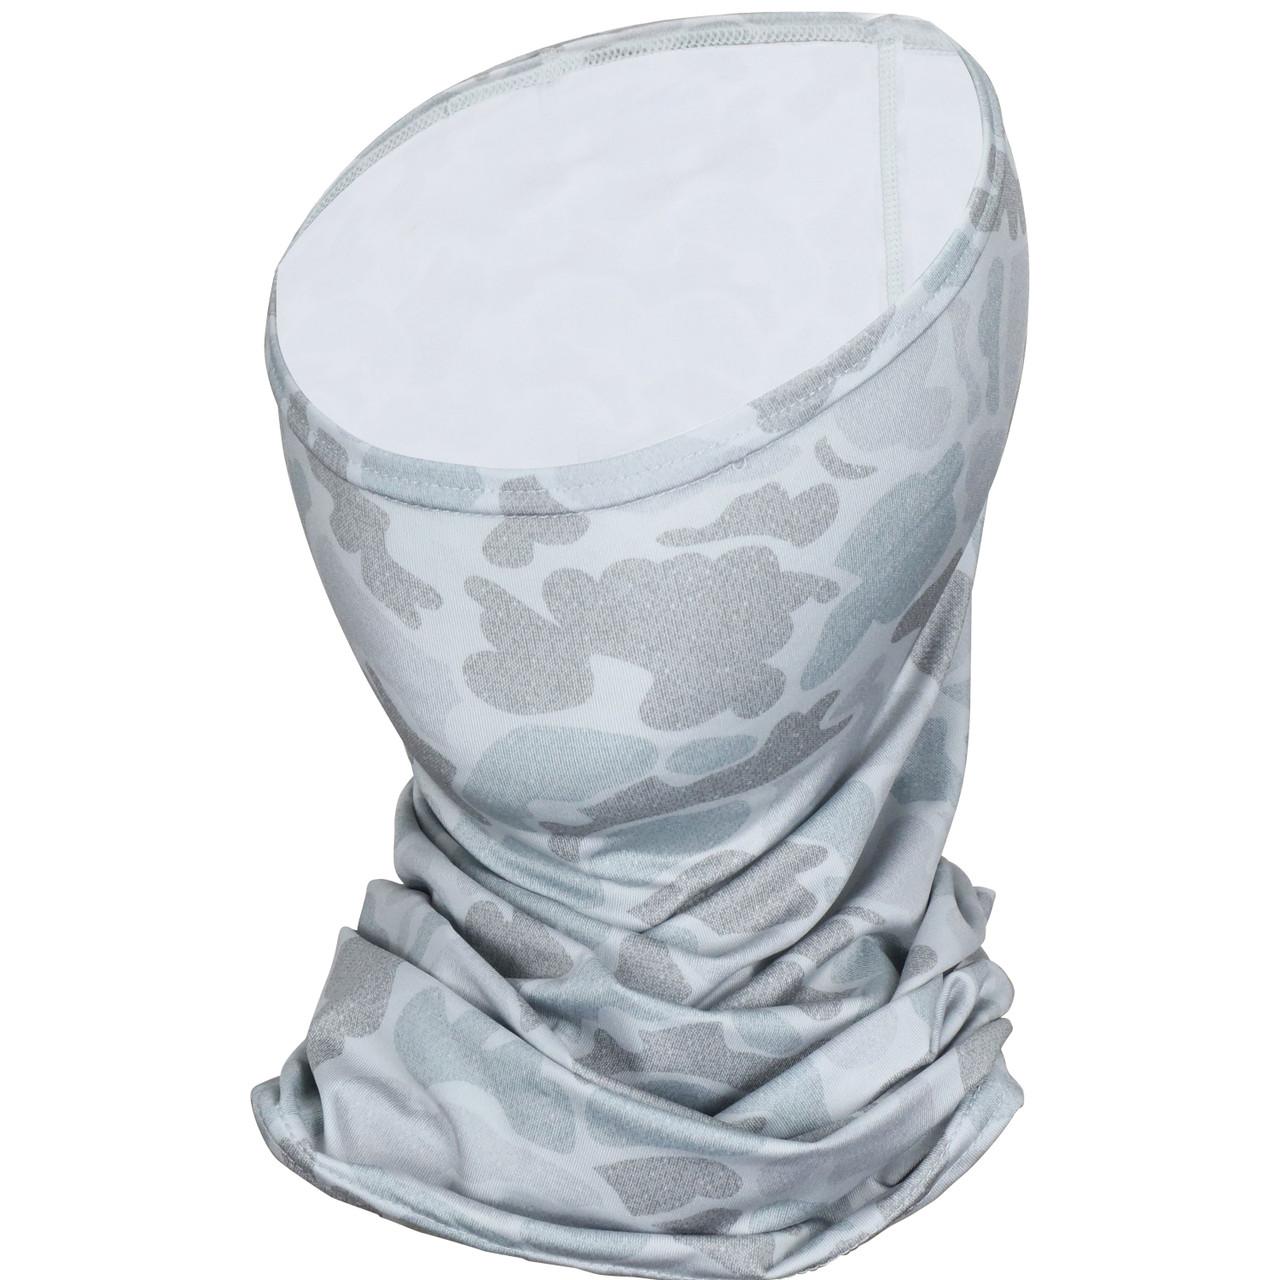 Marsh Wear MWSM05 Mallard Face Mask Grey Camo - Angle